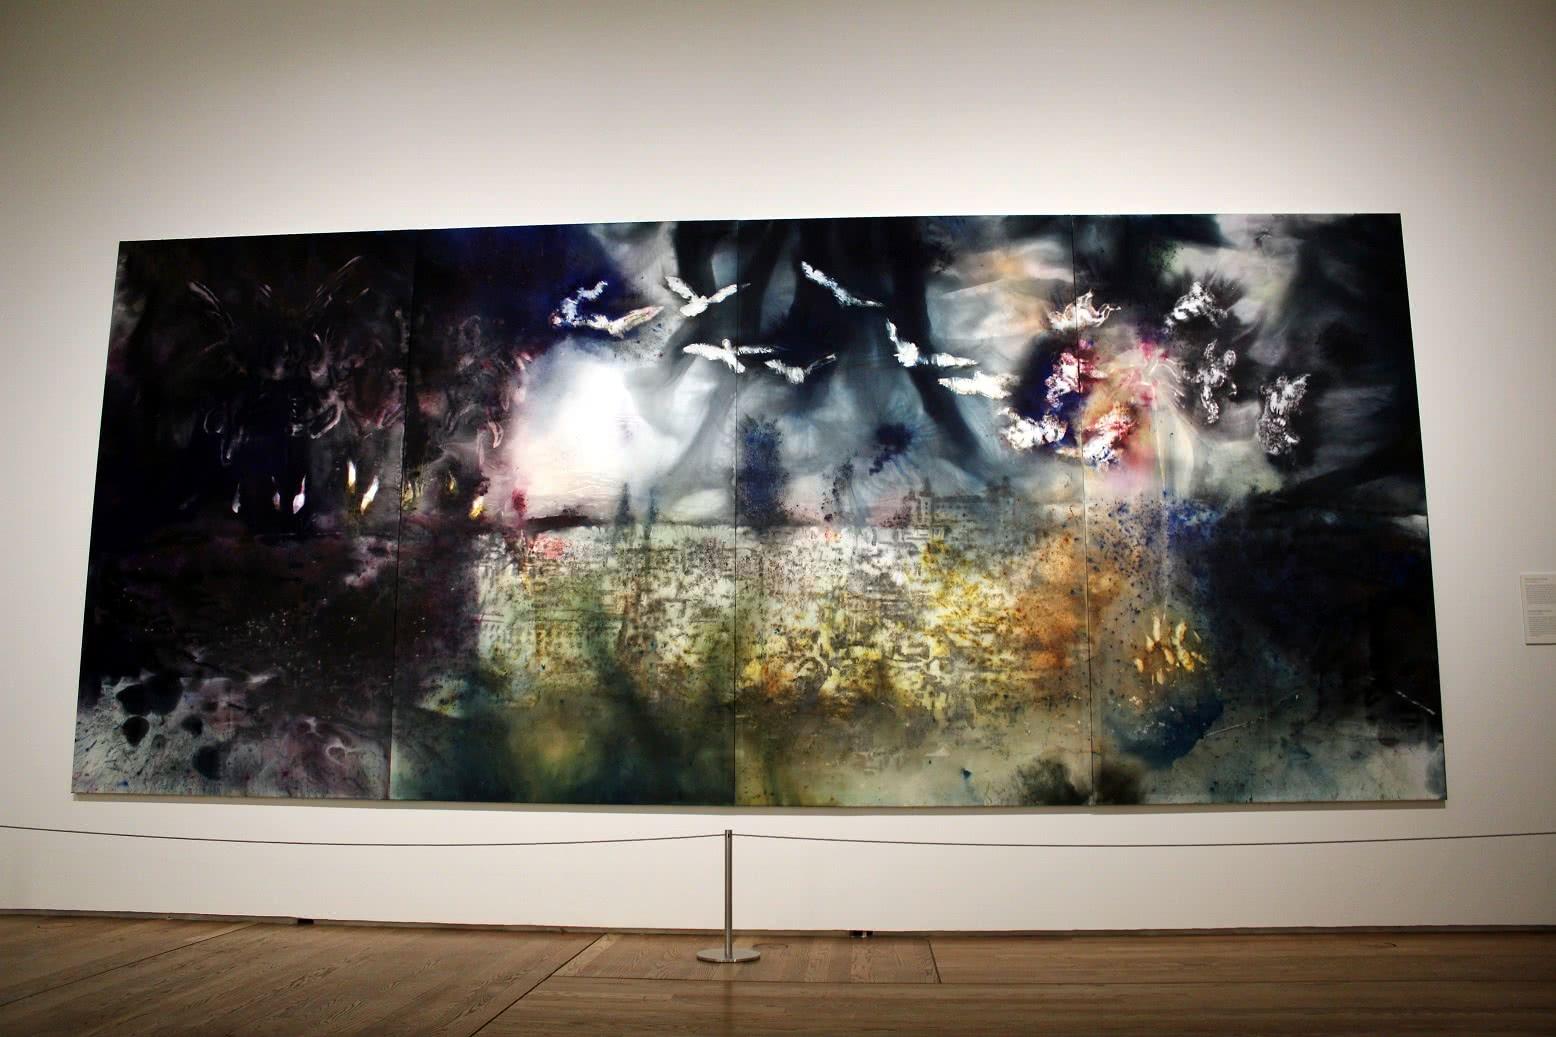 Exposición El espíritu de la pintura. Cai Guo-Qiang en el Prado. Museo Nacional del Prado, Madrid. Foto: Luis Martín.